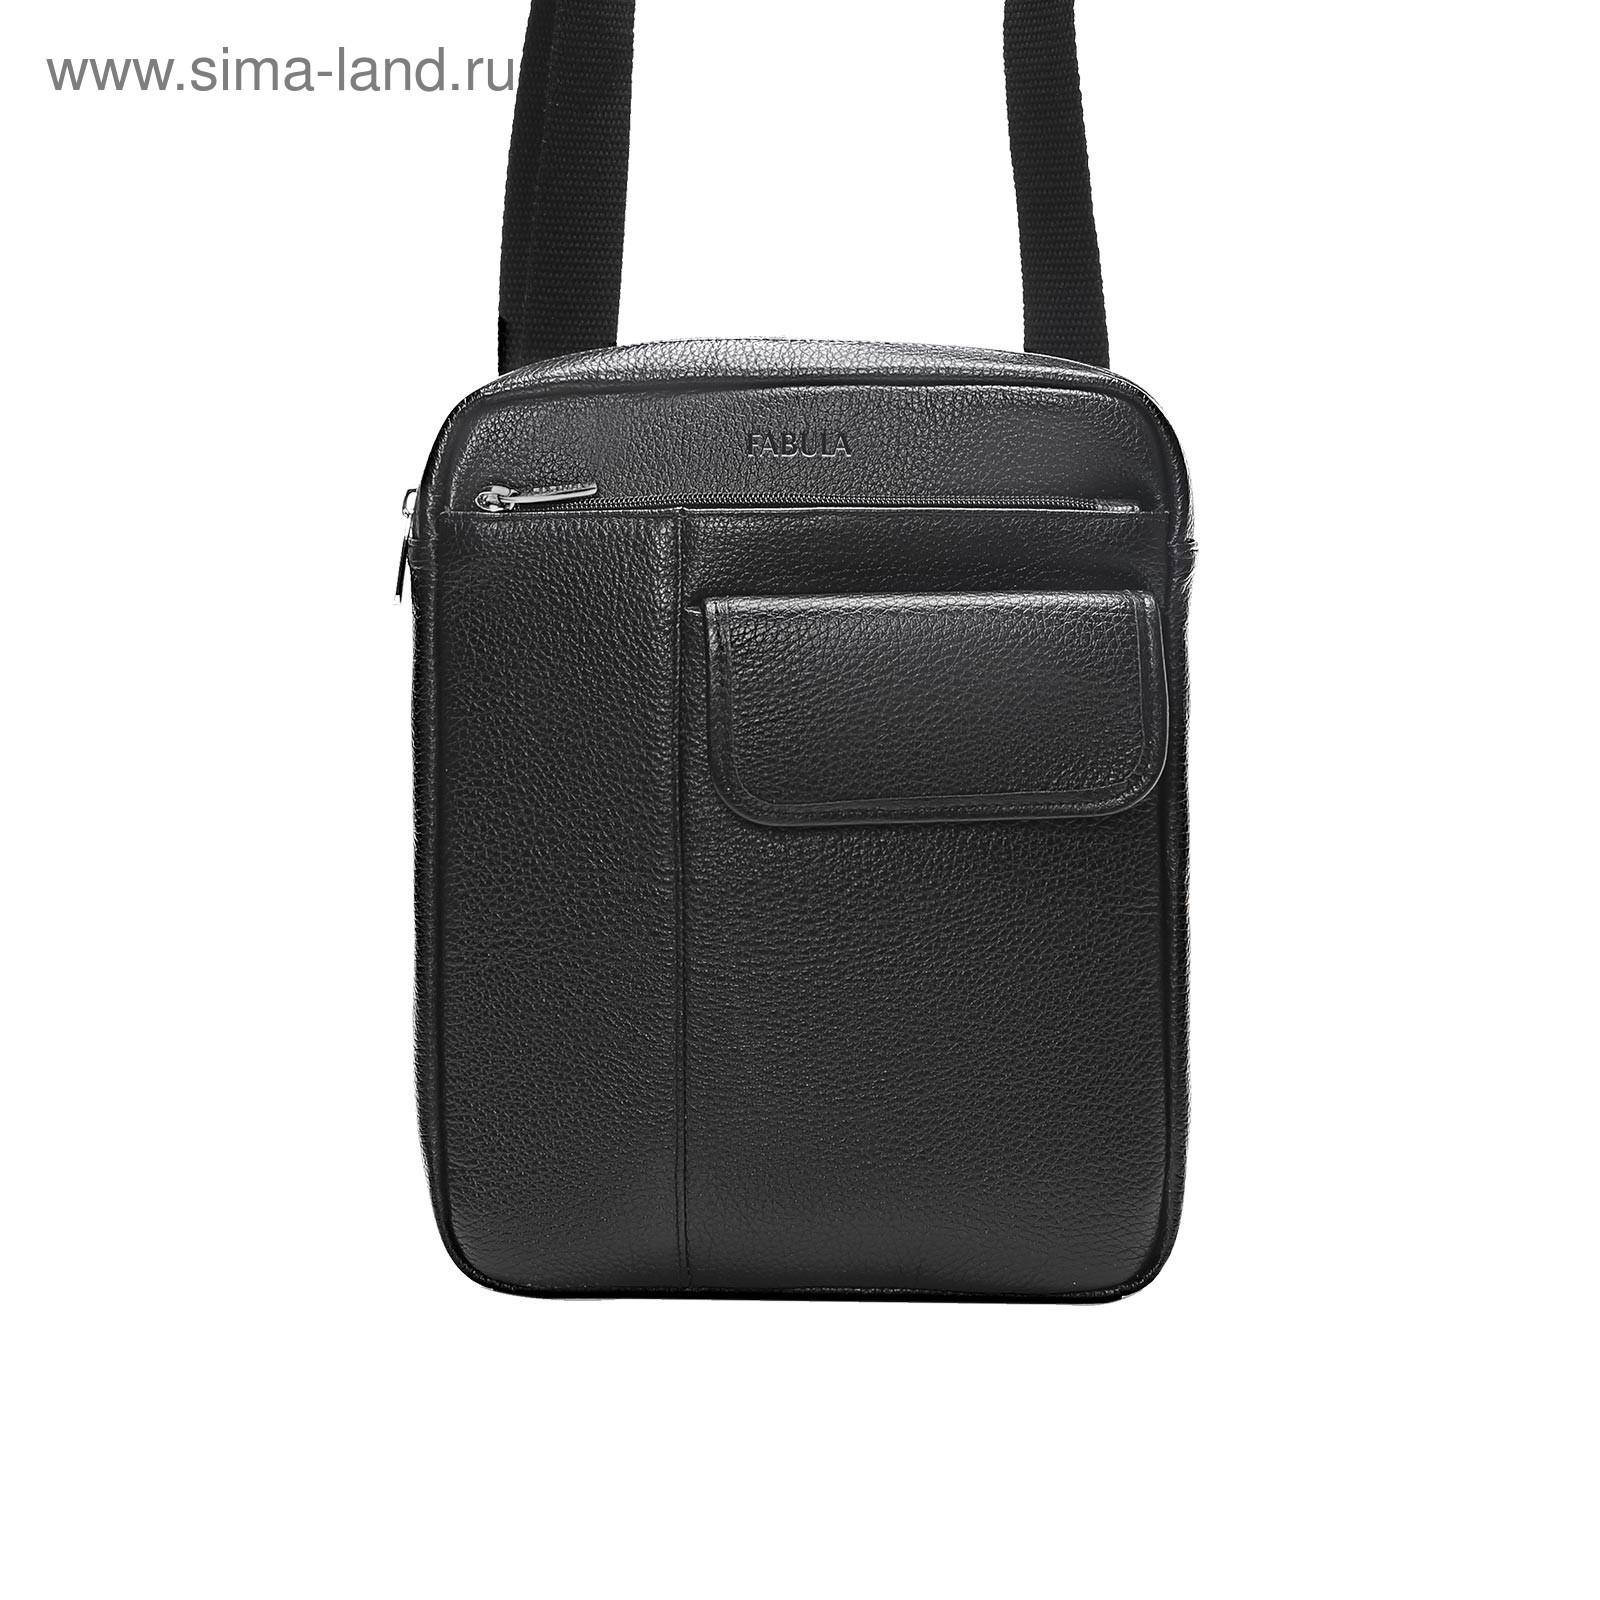 fa65070c1d56 Сумка мужская Fabula S.414.BK, чёрный (4300446) - Купить по цене от ...